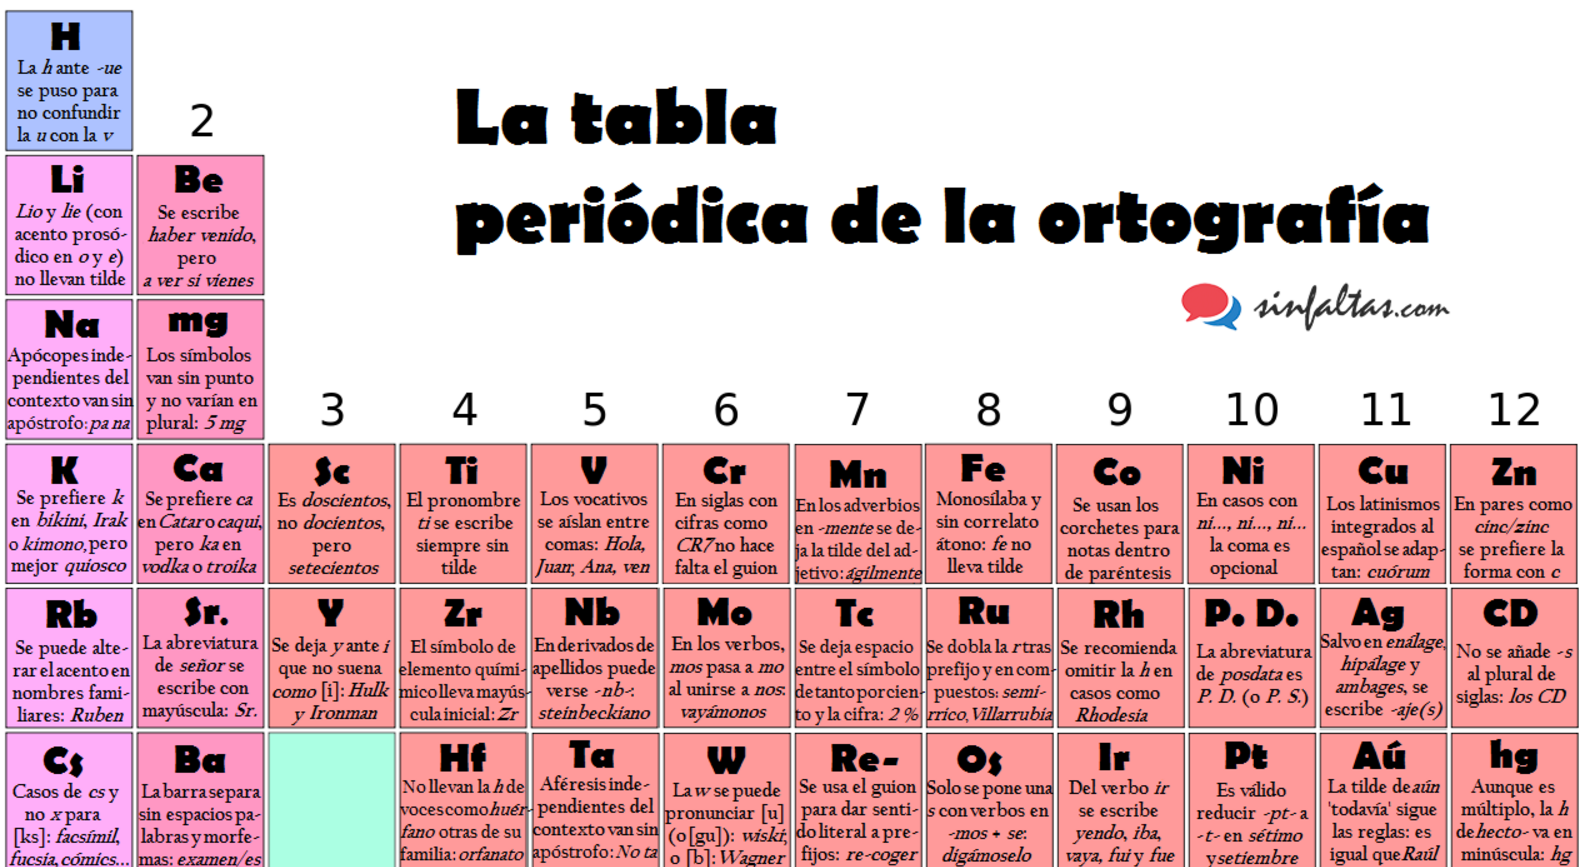 La tabla peridica de la ortografa o de cmo comprimir las reglas la tabla urtaz Image collections